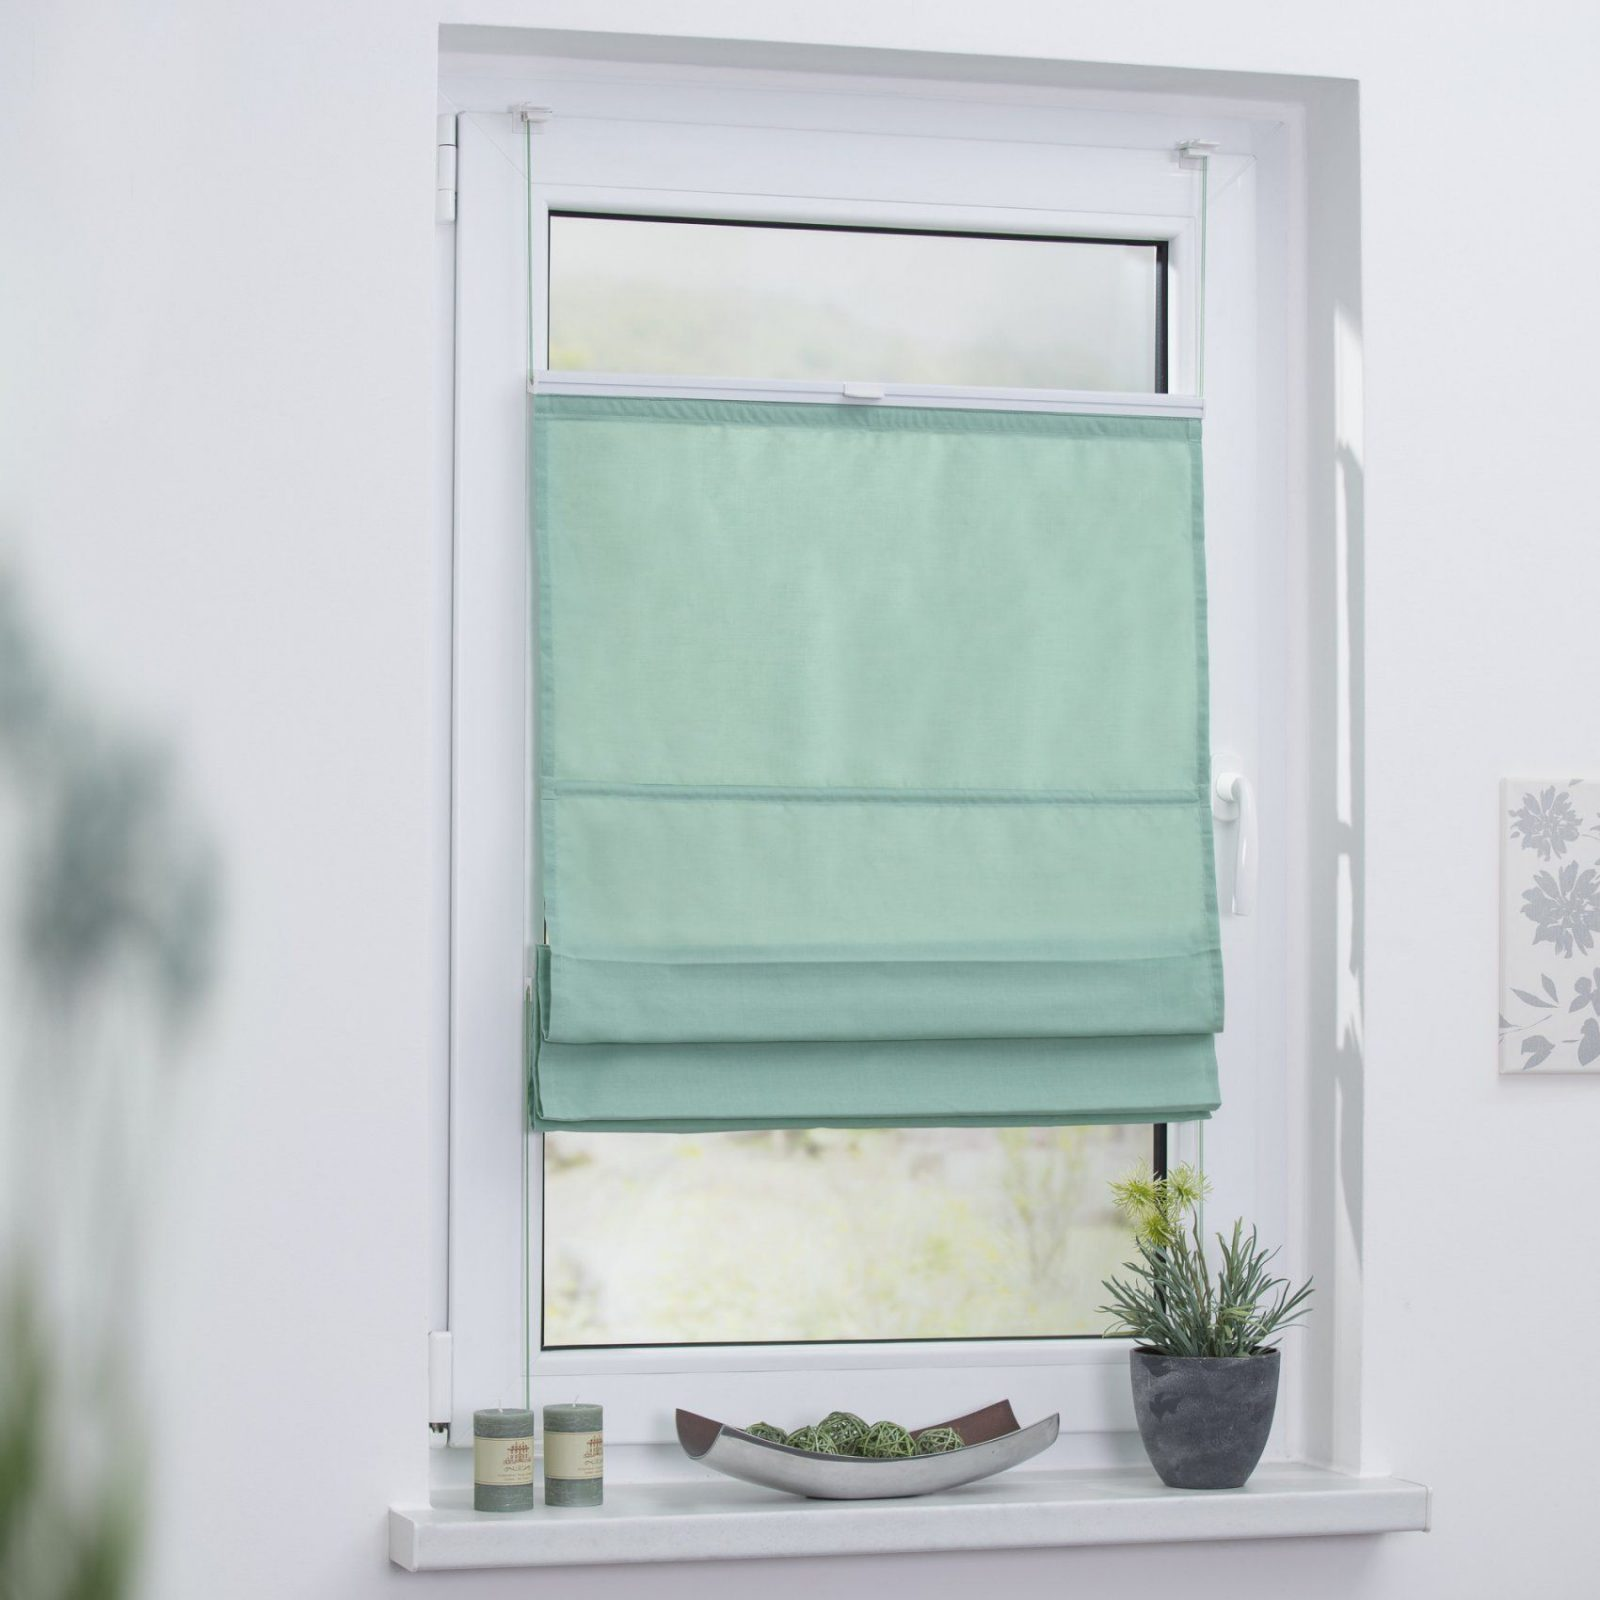 Fabelhafte Sichtschutz Fenster Selber Machen Raffrollo Klemmfix Top von Sichtschutz Fenster Selber Machen Photo